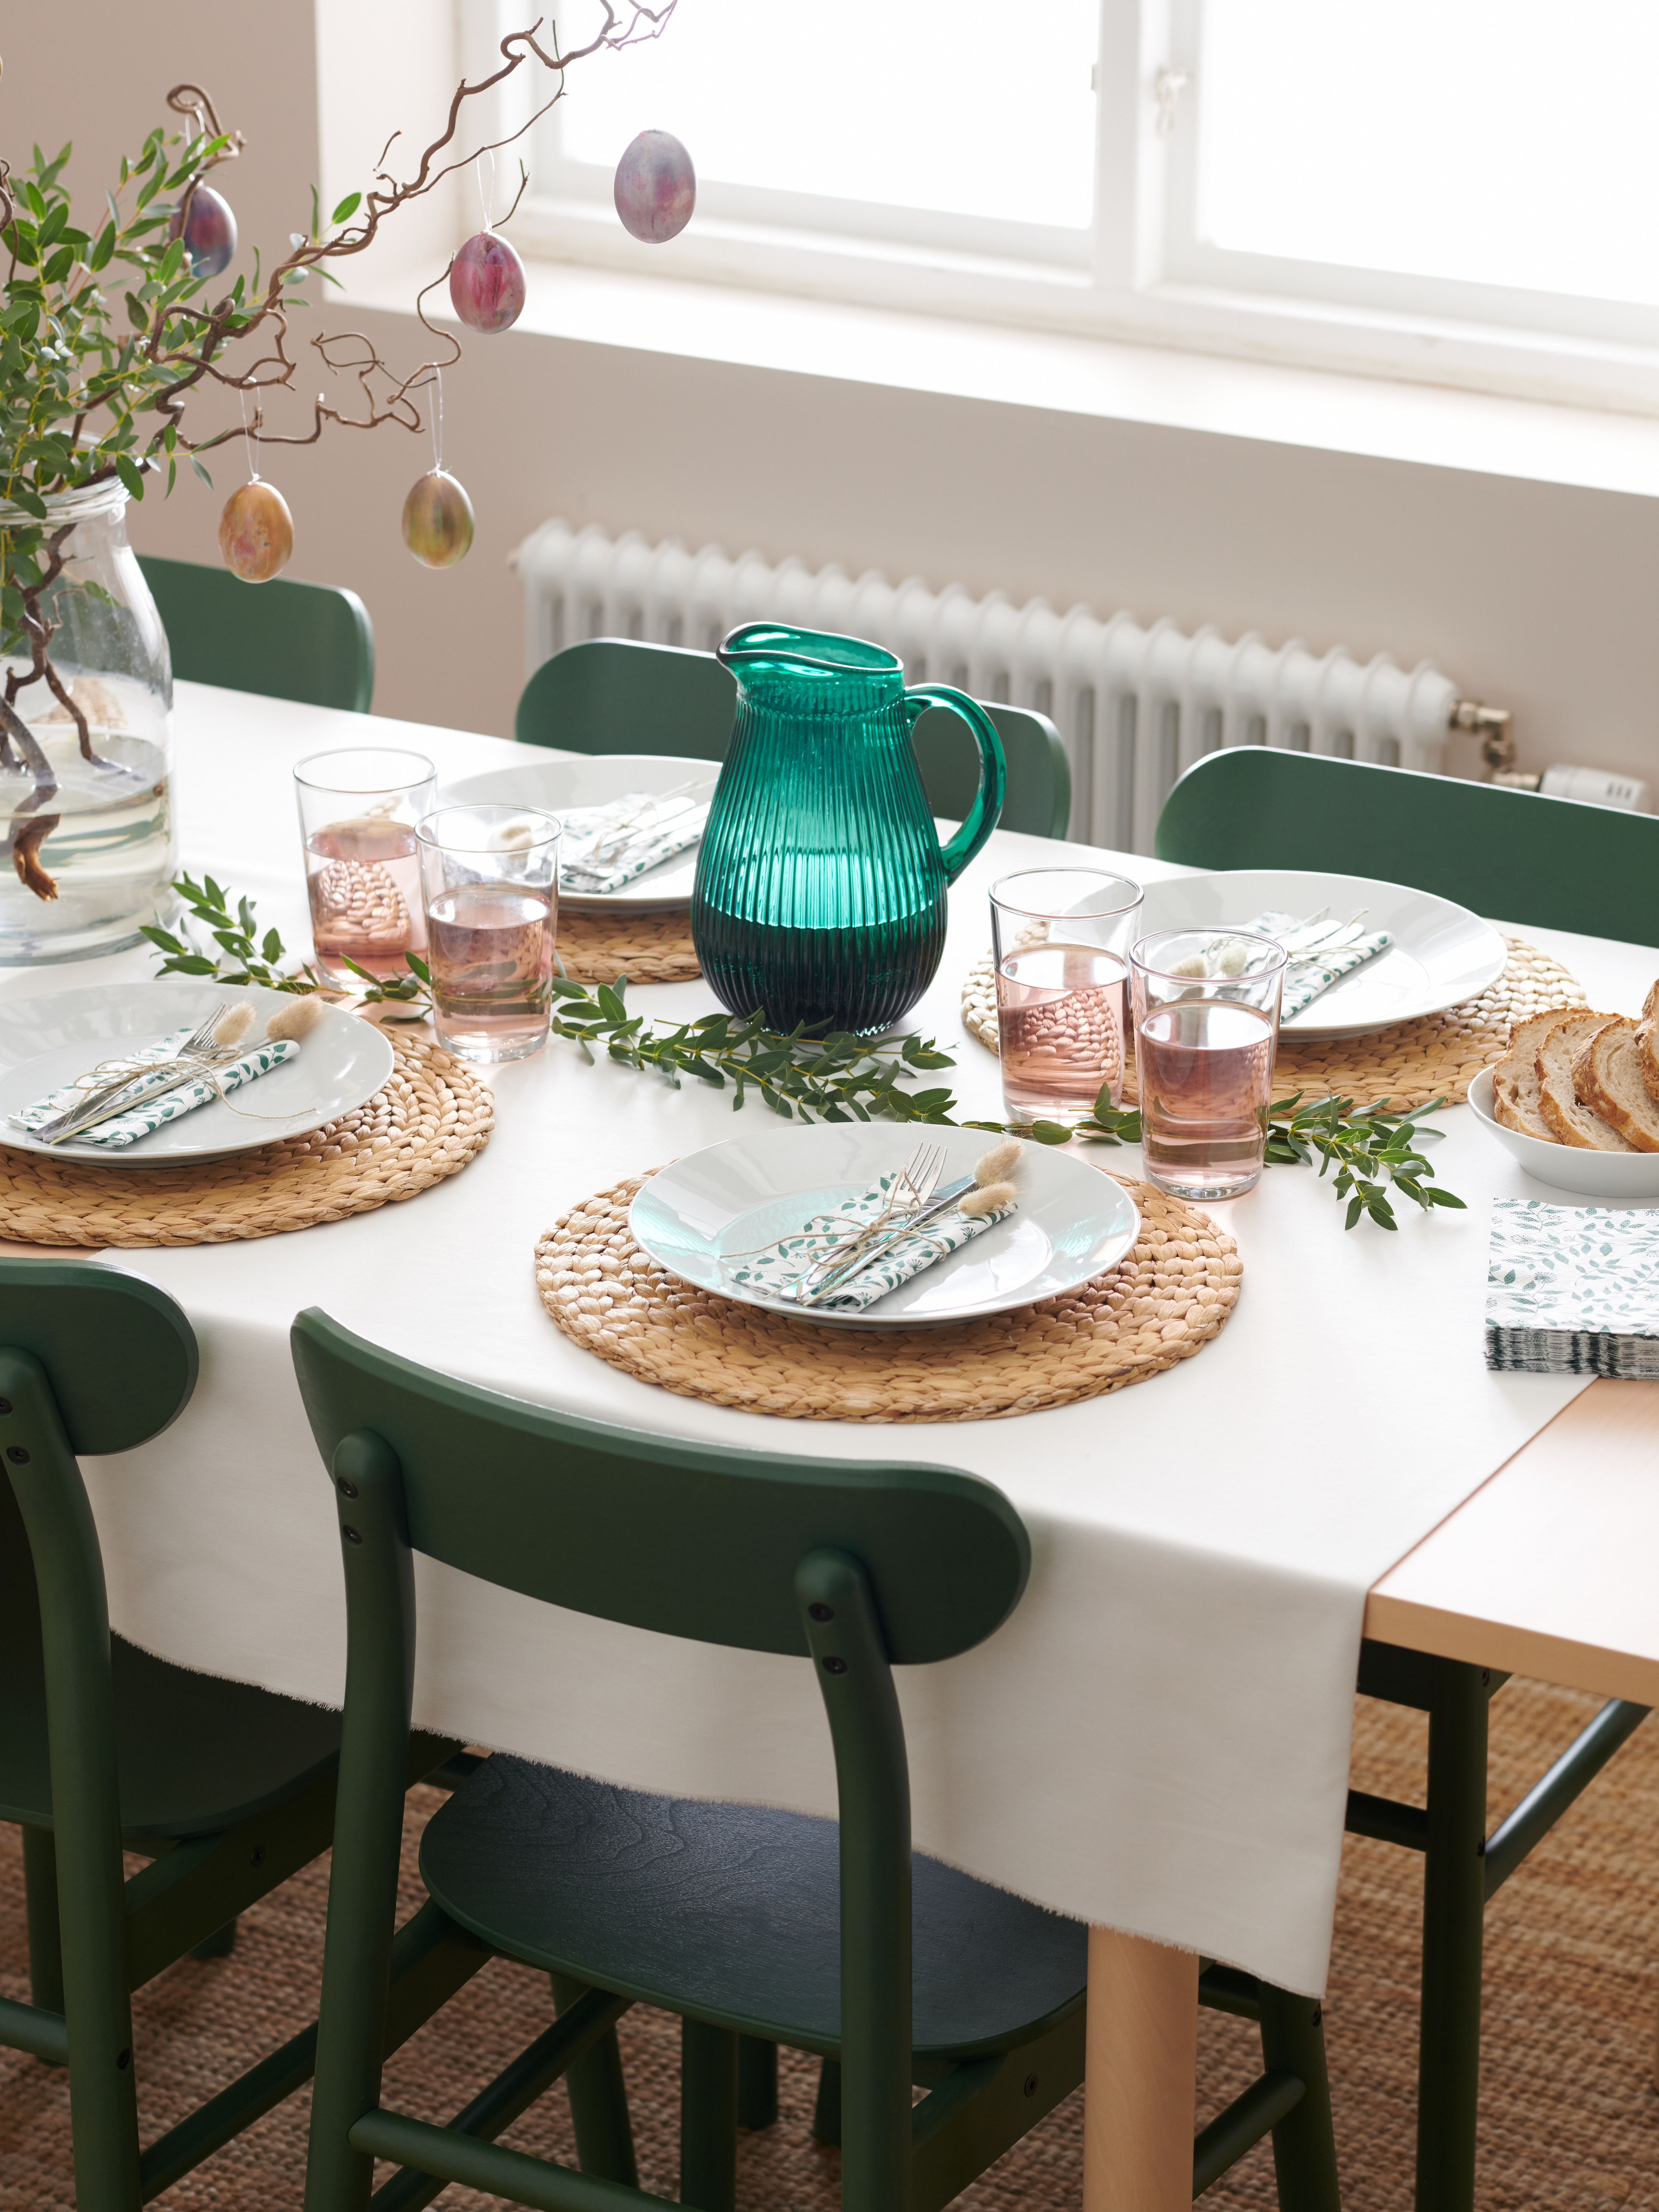 Un tavolo è decorato e apparecchiato per la Pasqua con stoviglie, tovaglioli e uova colorate appese a rametti.